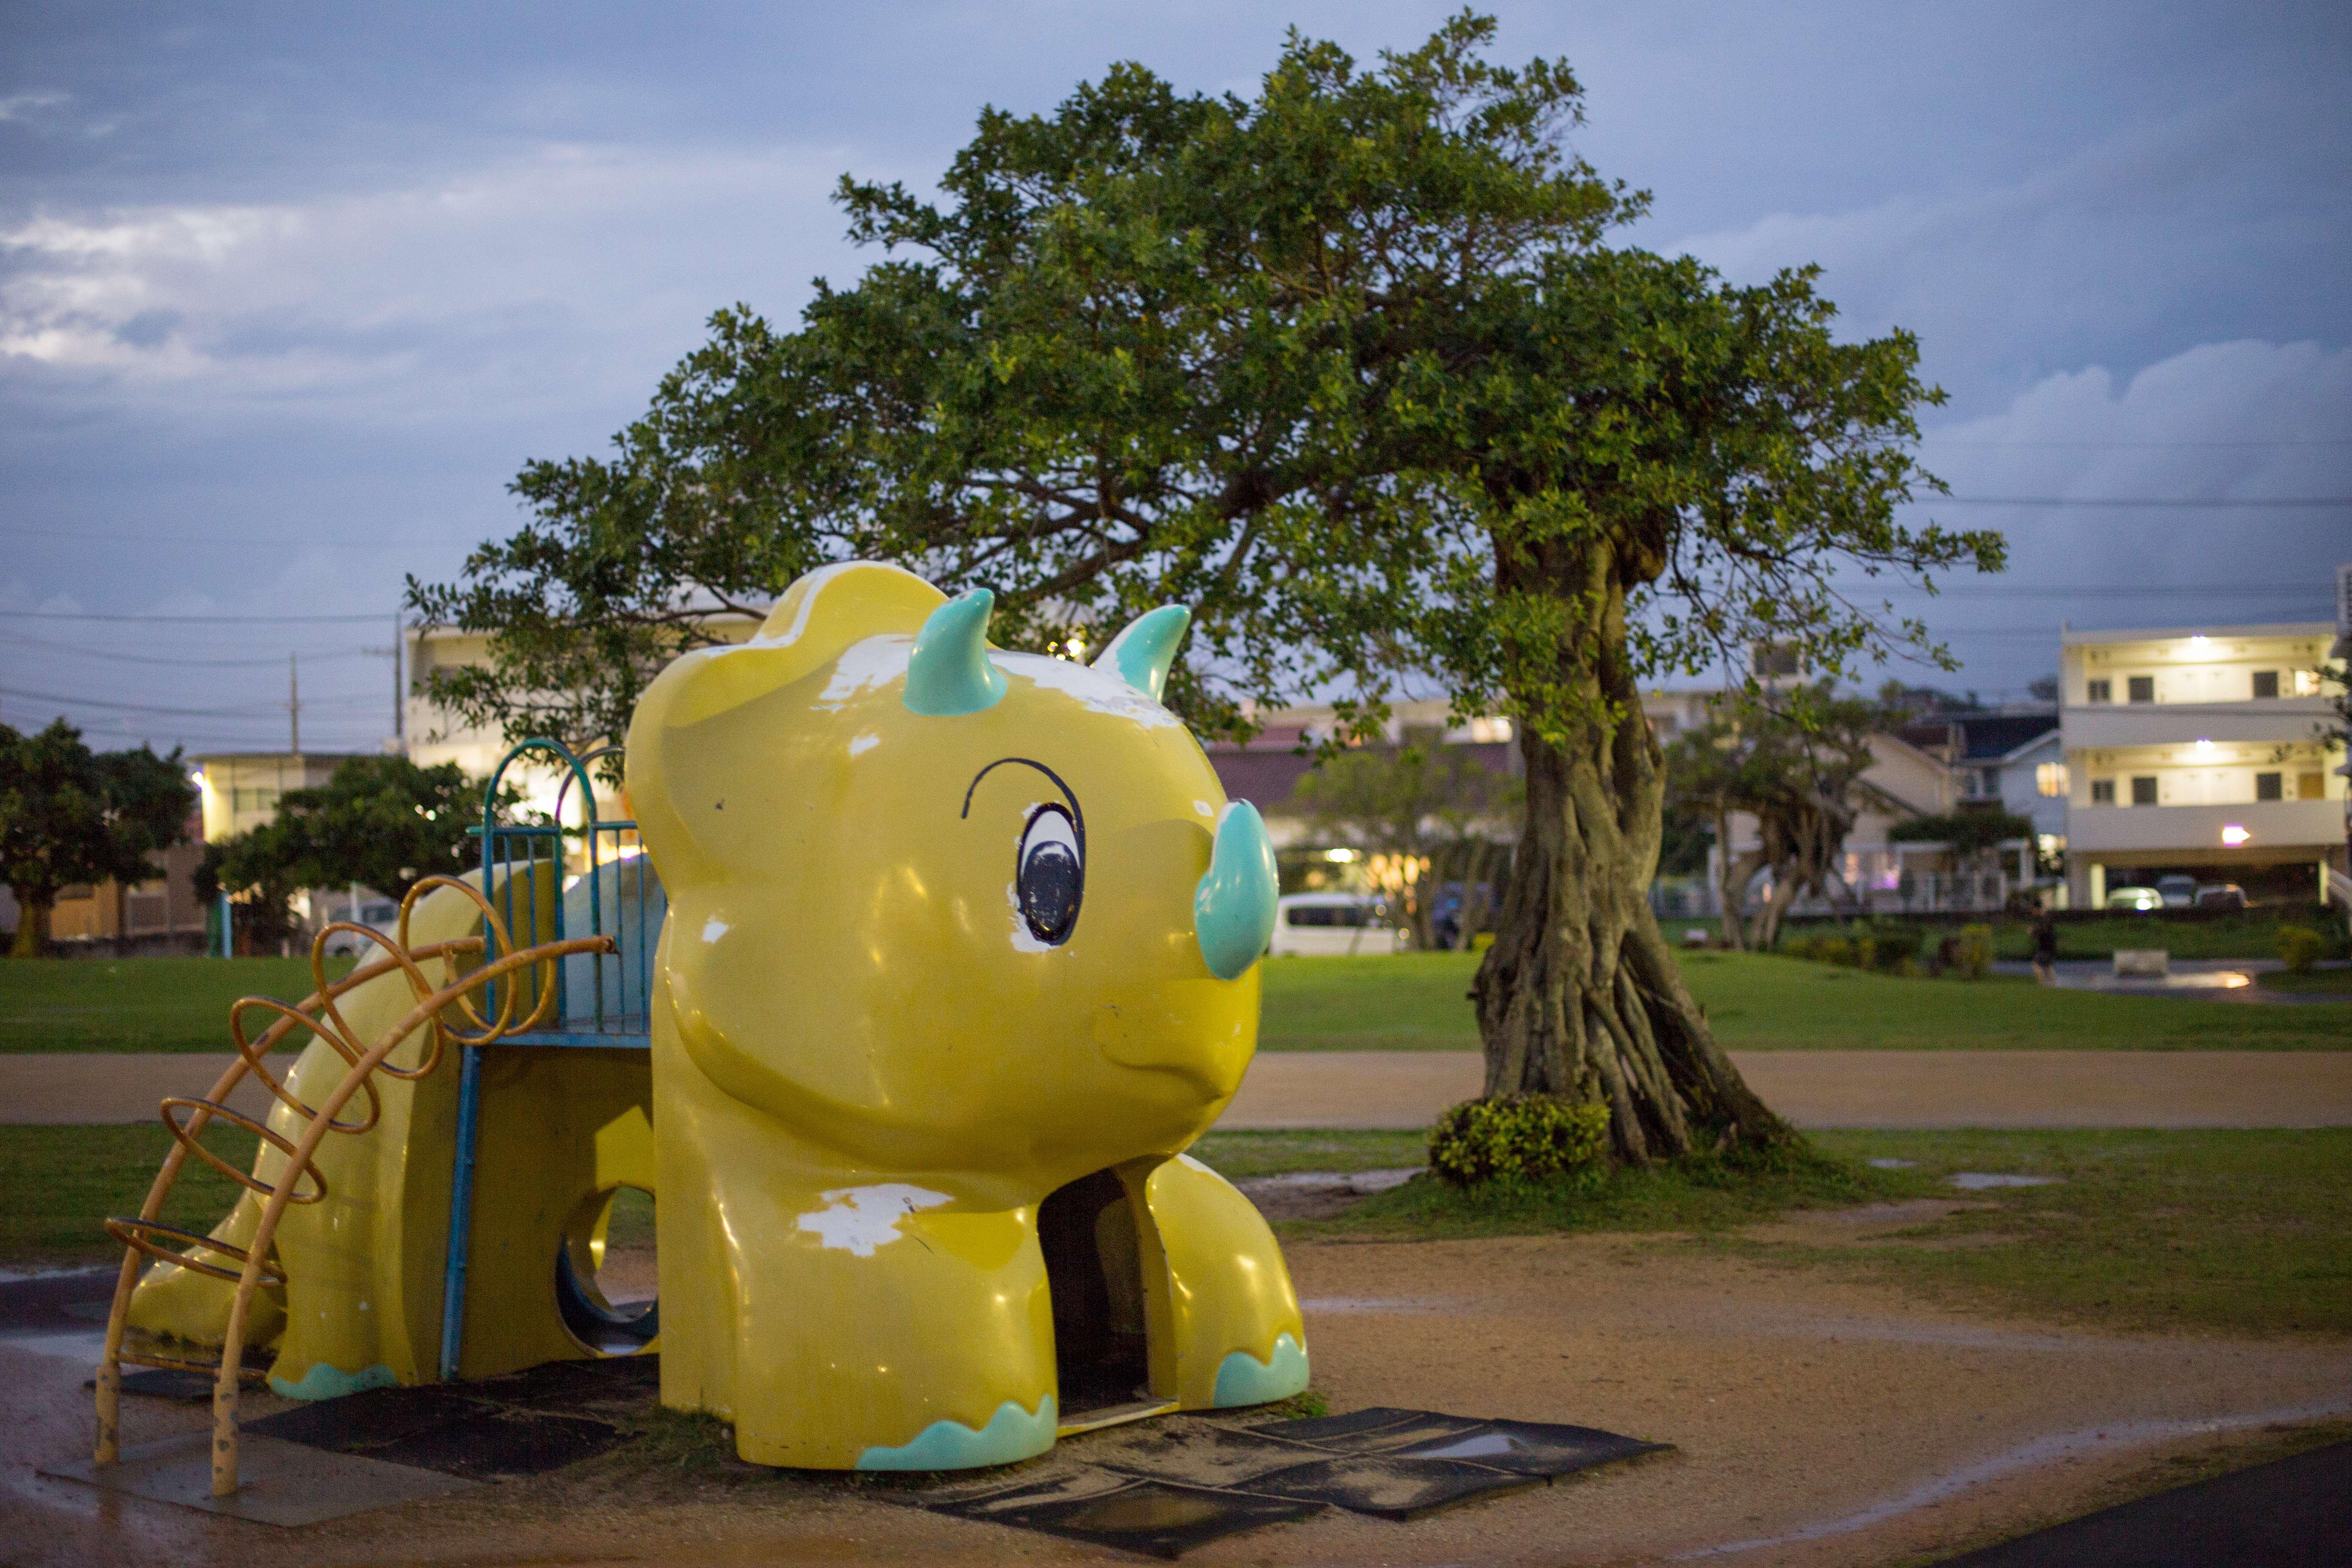 Misato Park